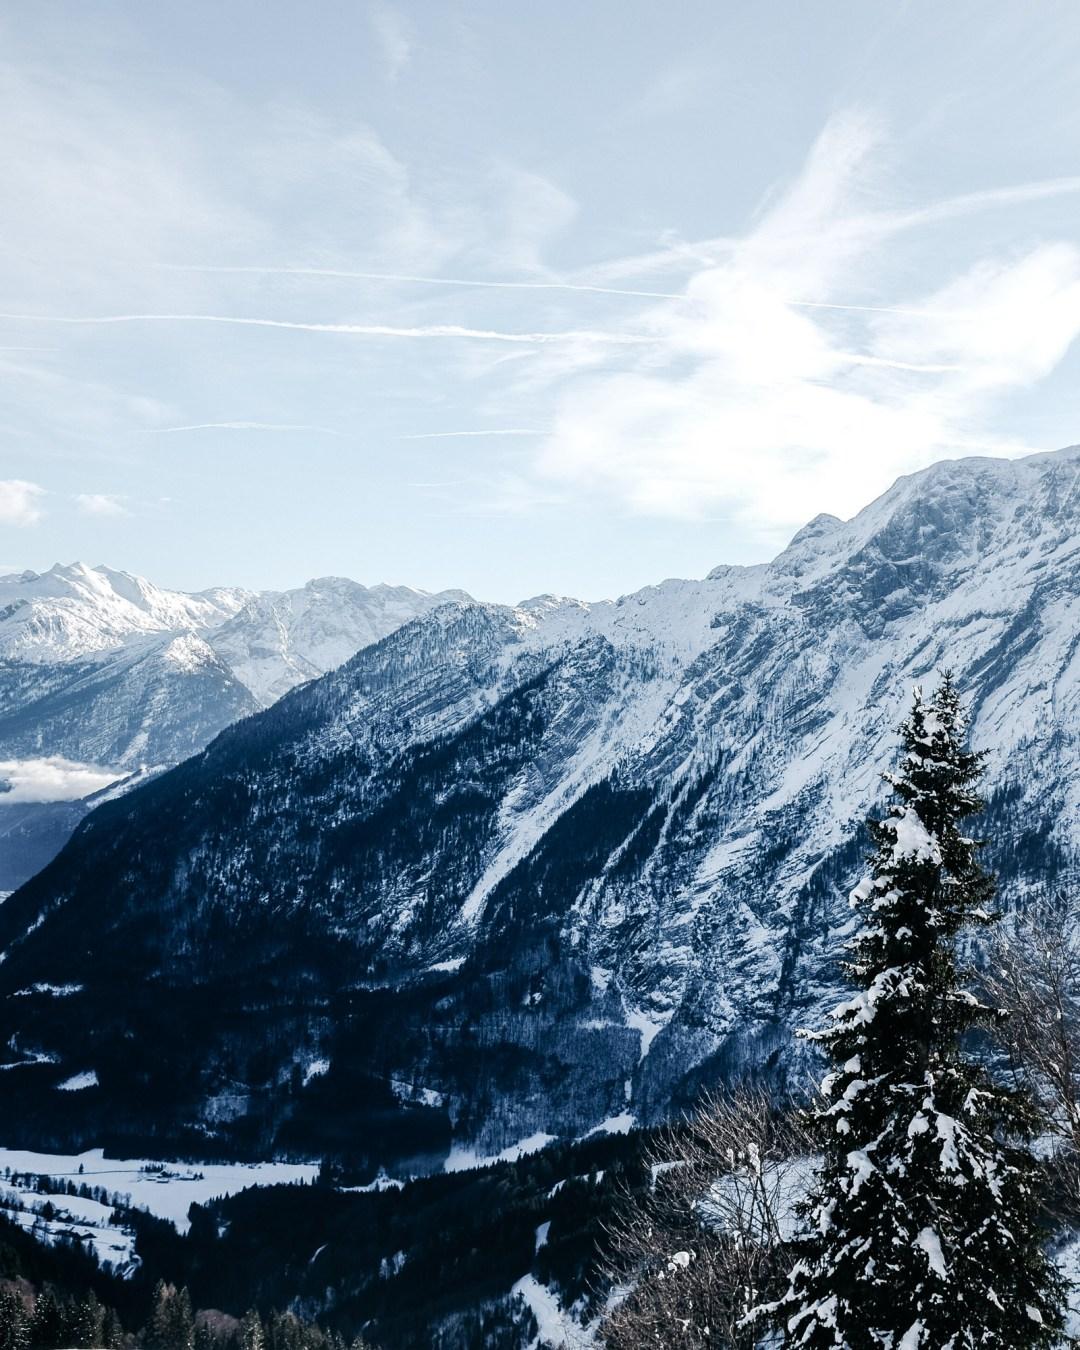 Winter Winterlandschaft Alpen Ausblick Ü50Mode fashionover50 inastil christmastime Weihnachtszeit BergpanoramaDSCF0965